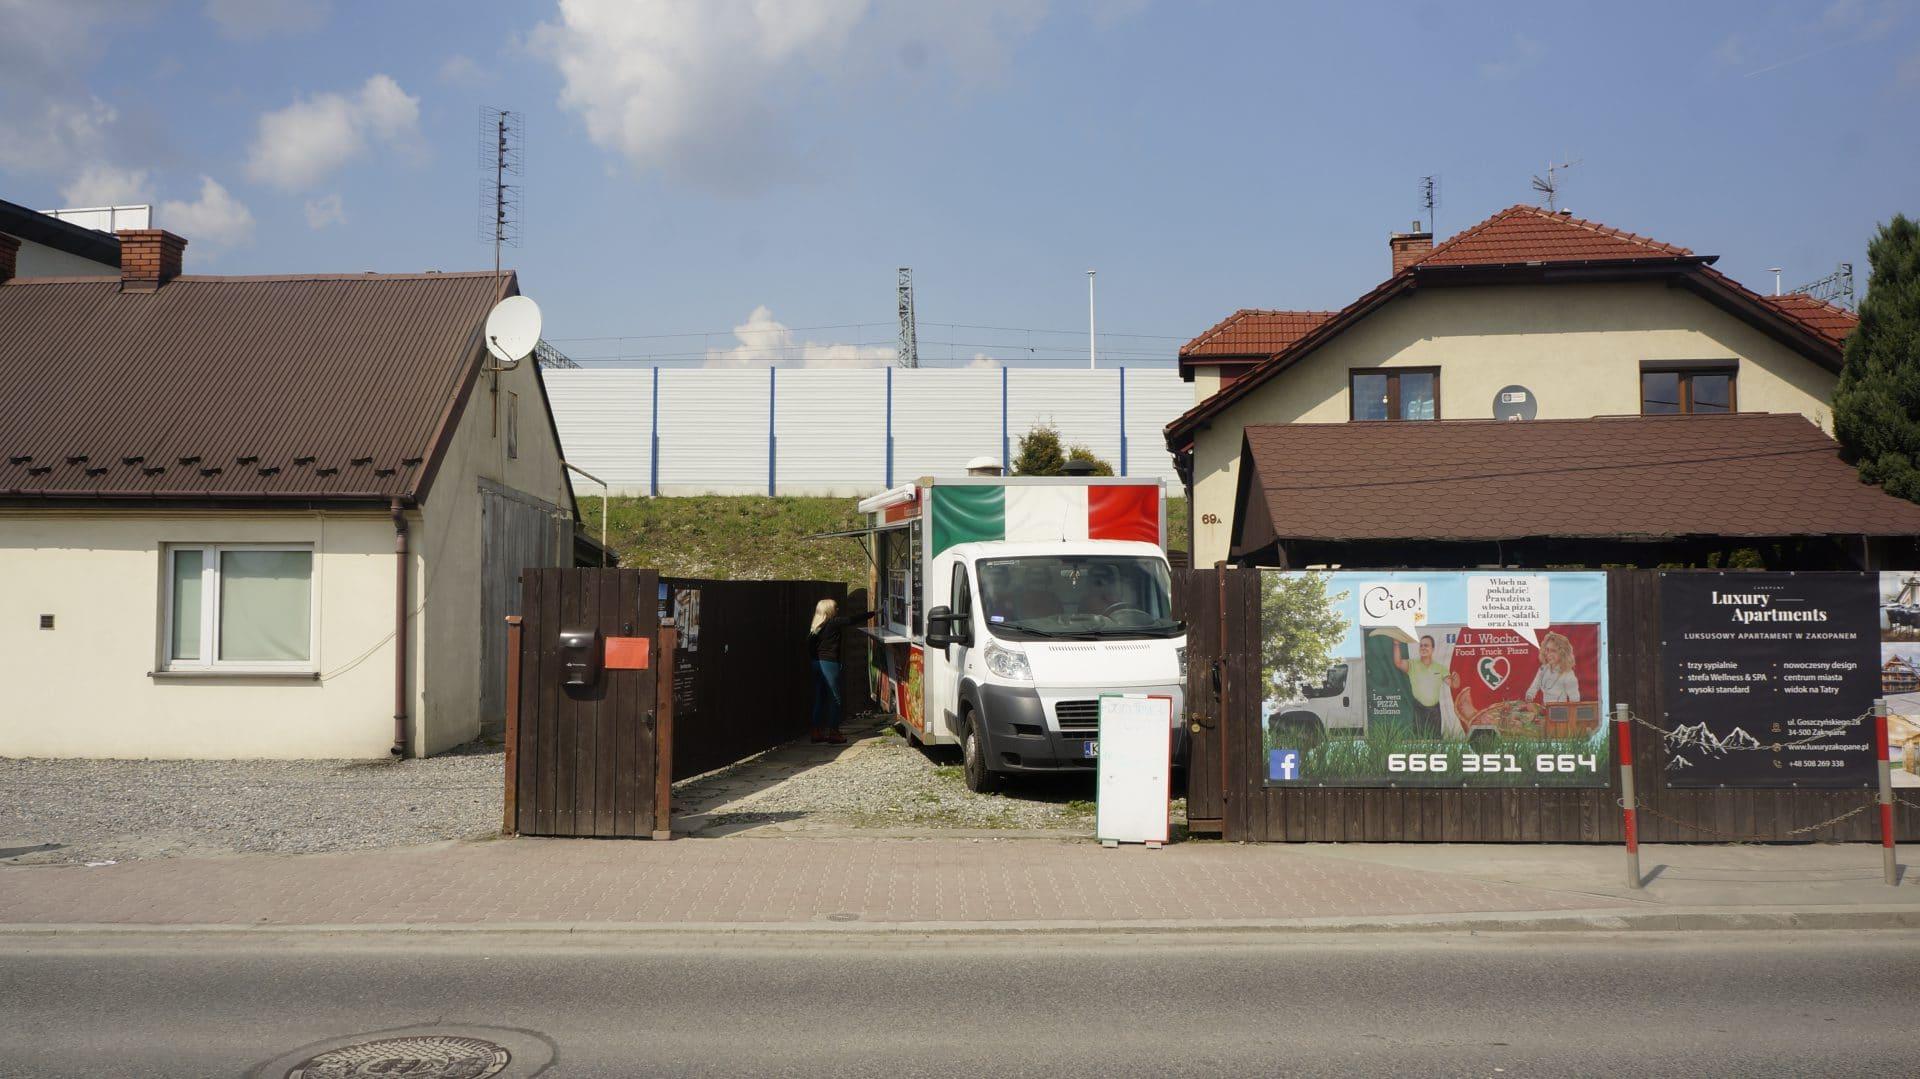 U Włocha Food Truck. Balicka 69a.